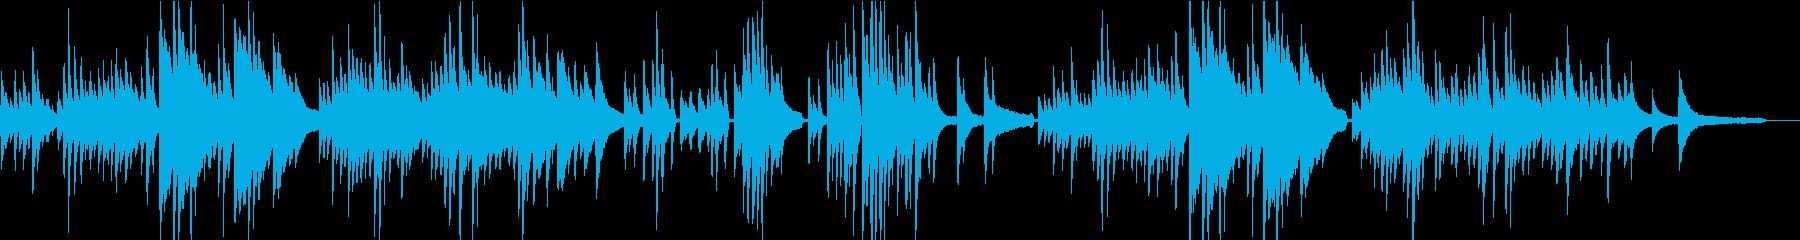 そっとやさしい 気まぐれピアノ曲の再生済みの波形